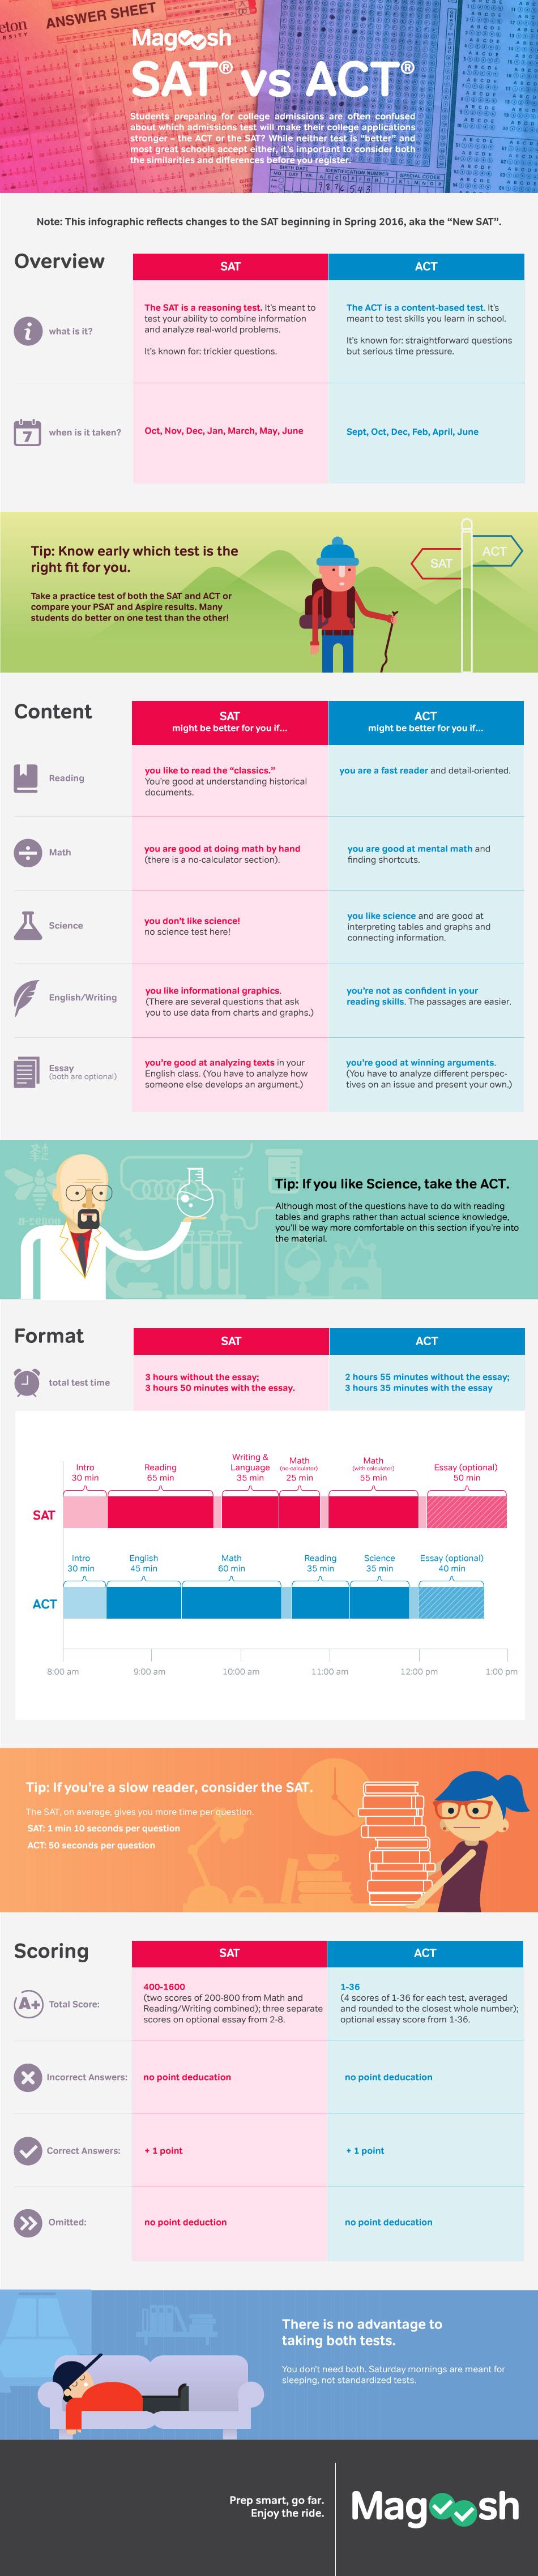 SATvACT-infographic-4g.jpg